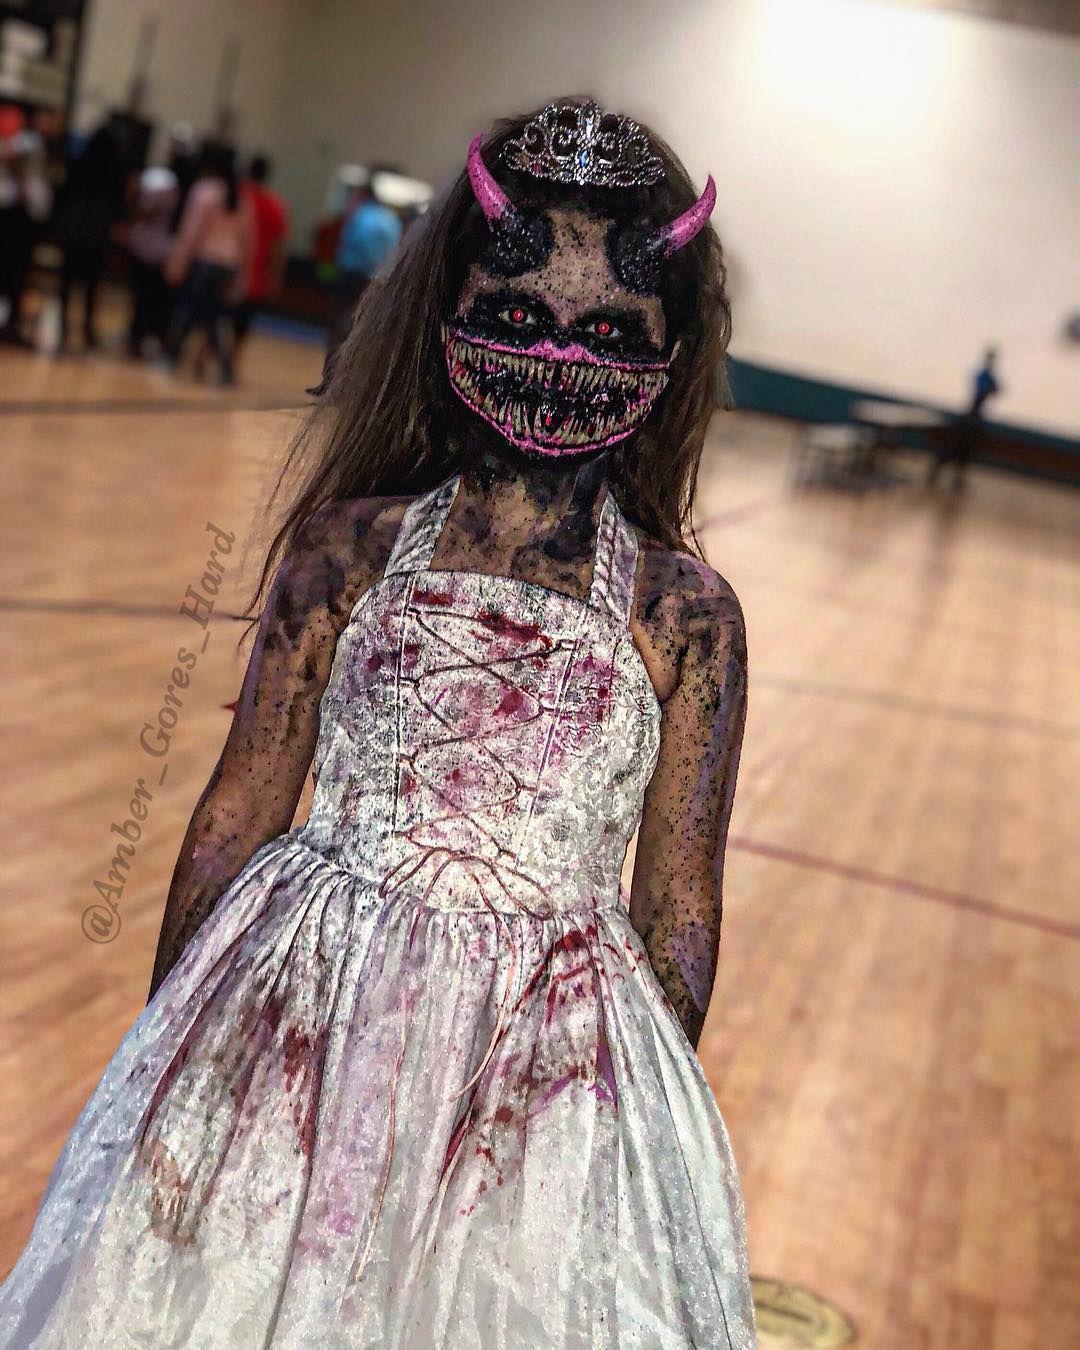 Halloween Kostüme Für Kinder Selber Machen: Schnell in Halloween Kostüme Selber Machen Kinder